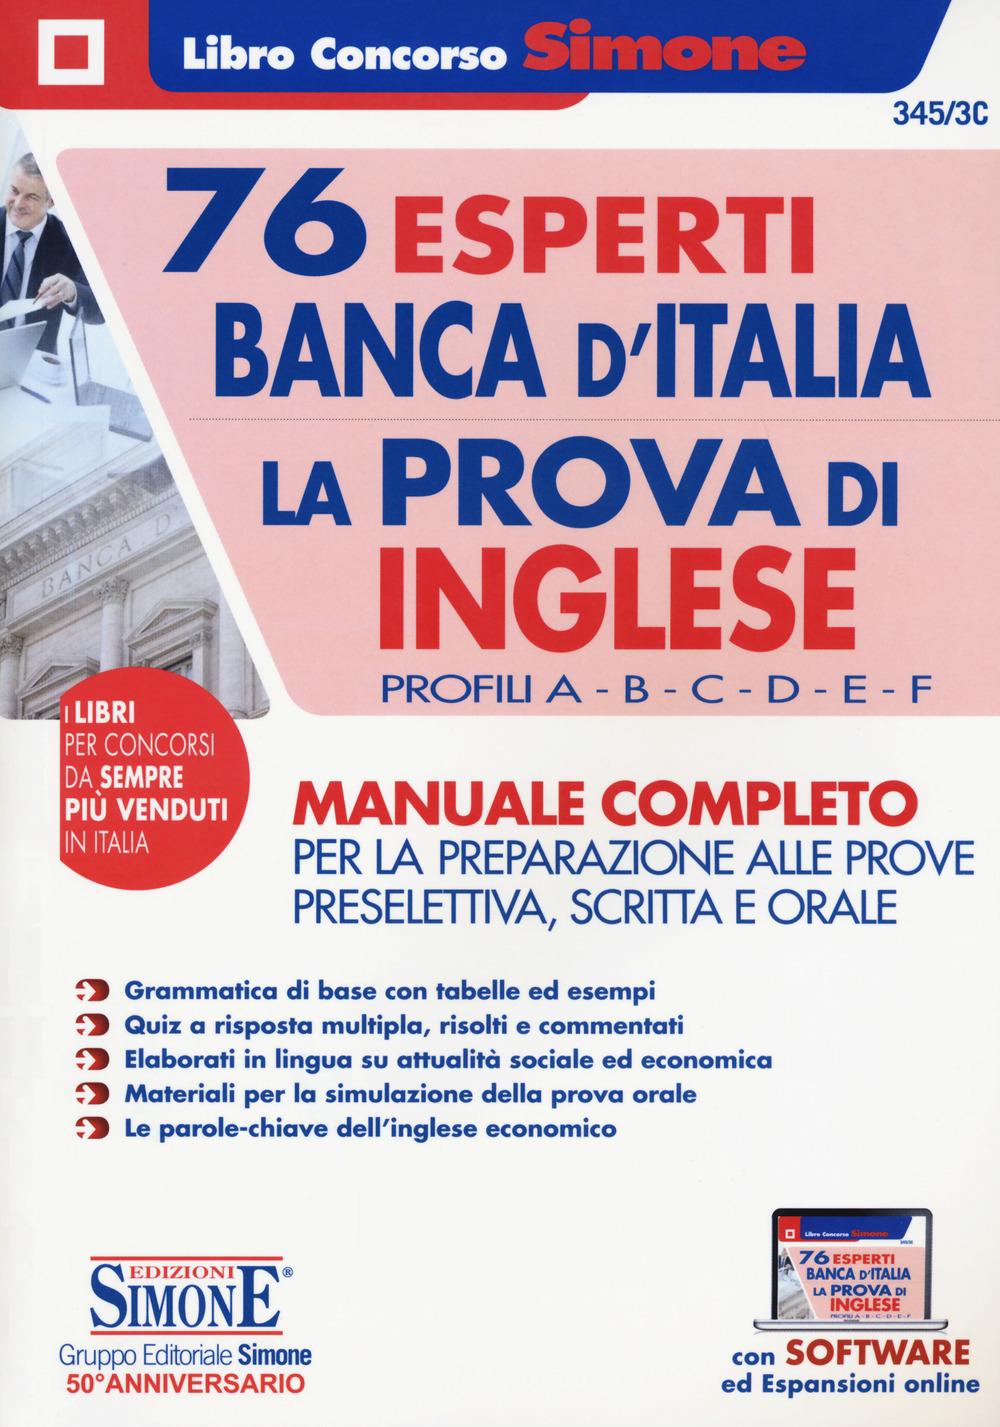 76 Esperti Banca d'Italia